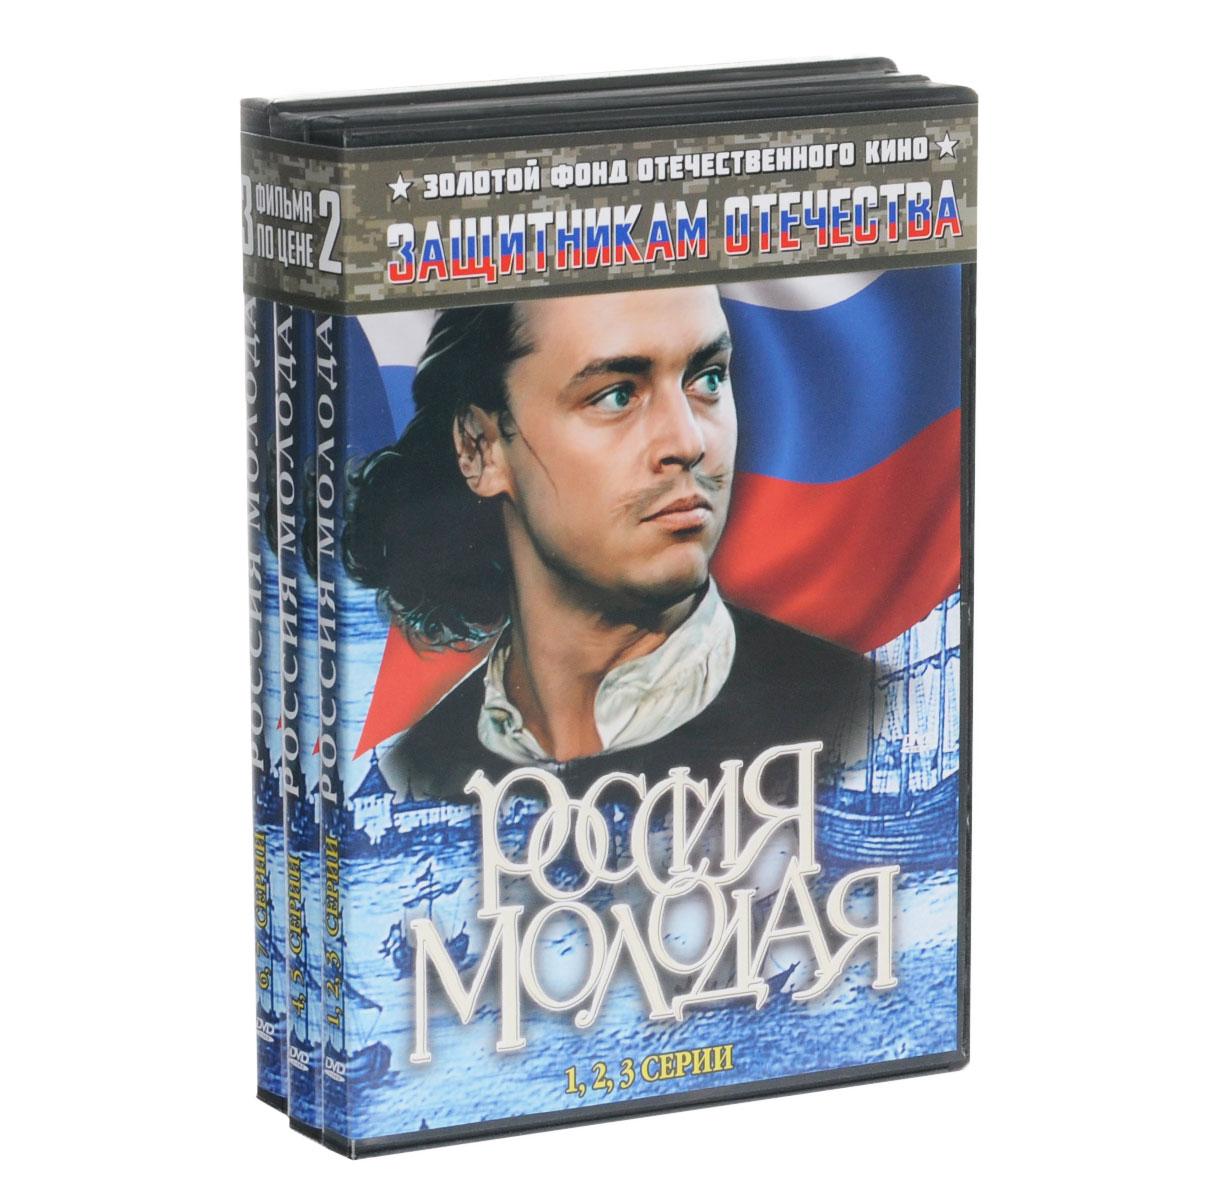 Россия молодая. Серии 1, 2, 3 / Россия молодая. Серии 4, 5 / Россия молодая: Серии 6-7 (3 DVD)